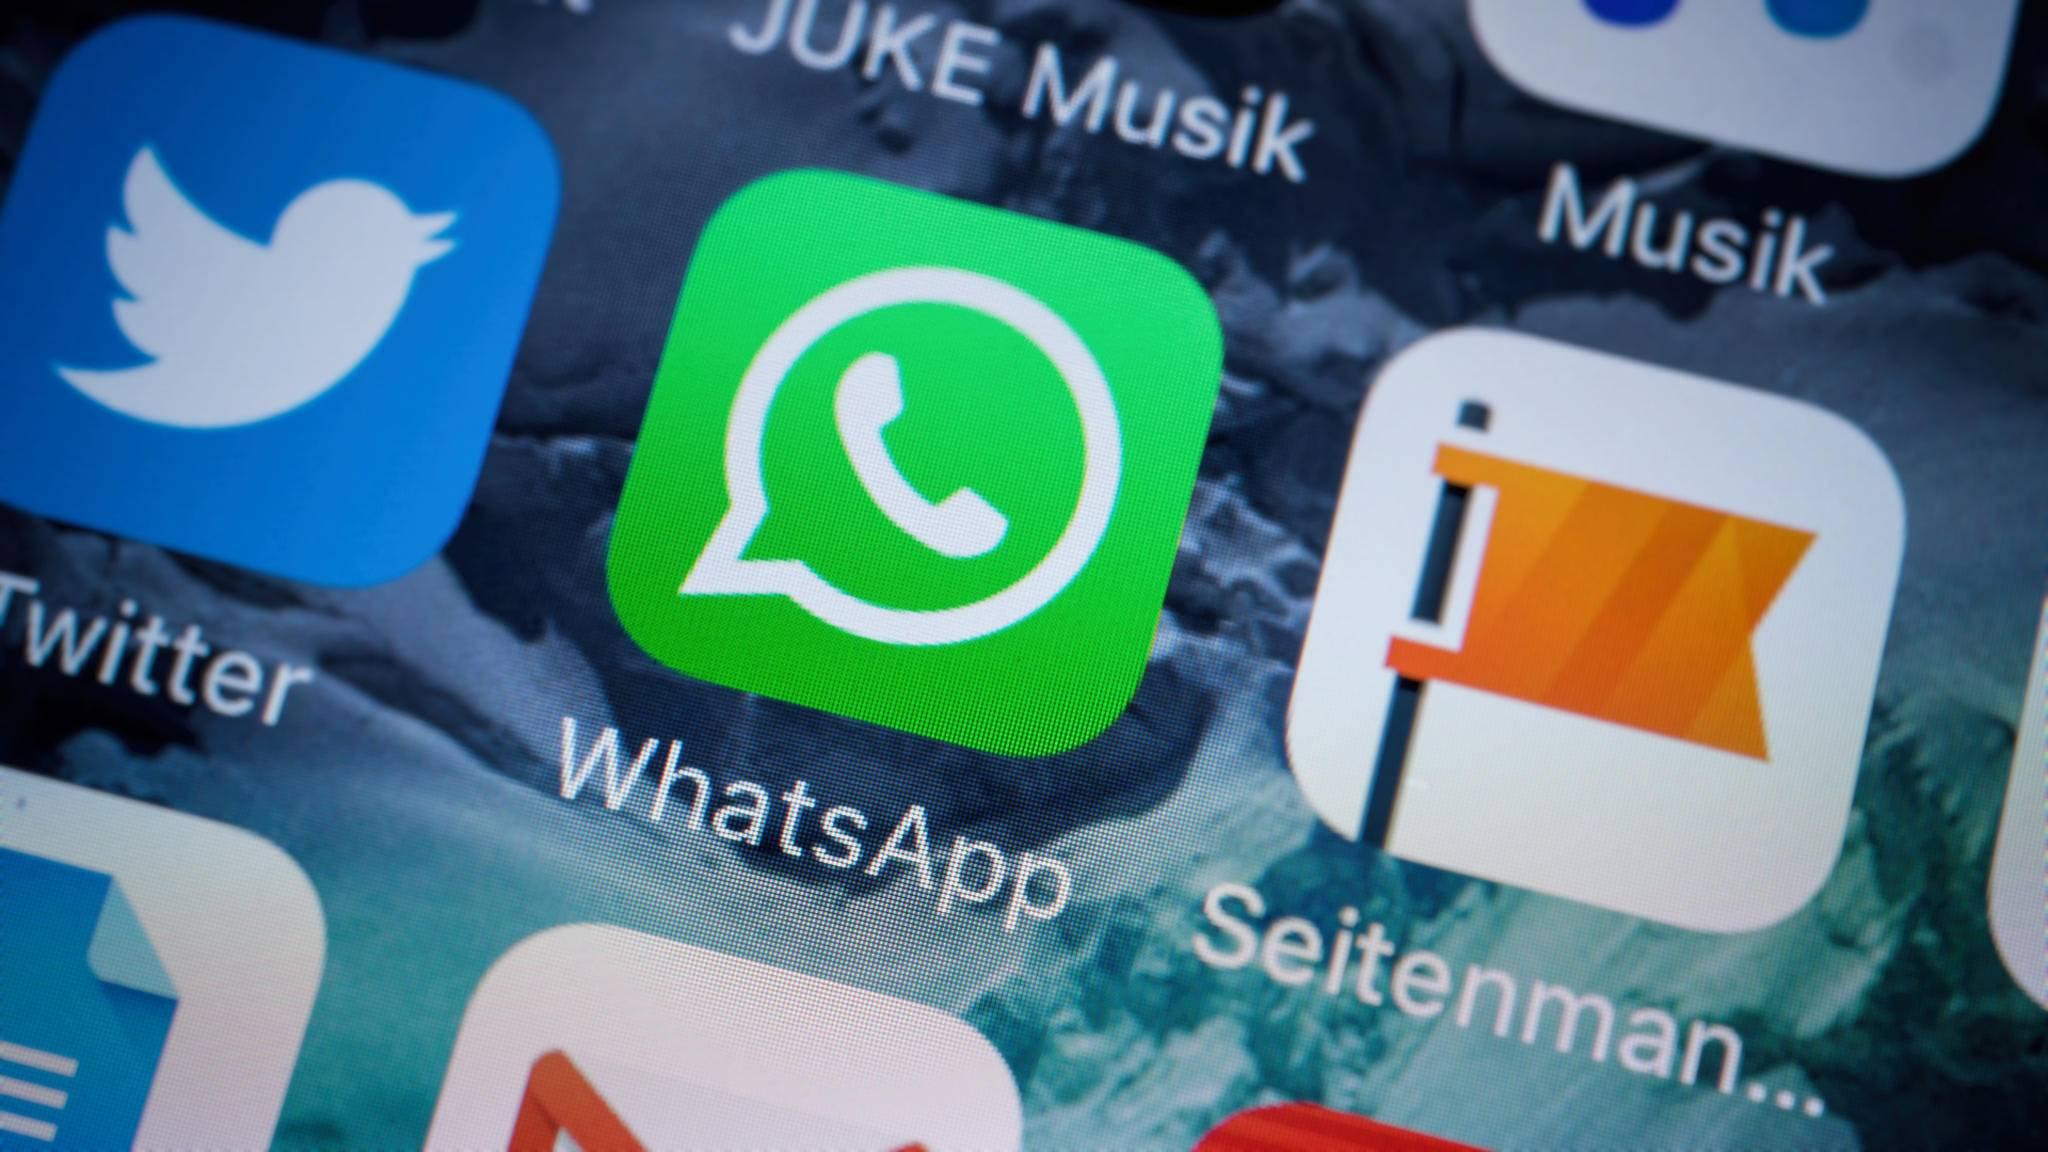 Trotz neuem Status-Feature: So kannst Du Dir Deine Kontakte bei WhatsApp anzeigen lassen.